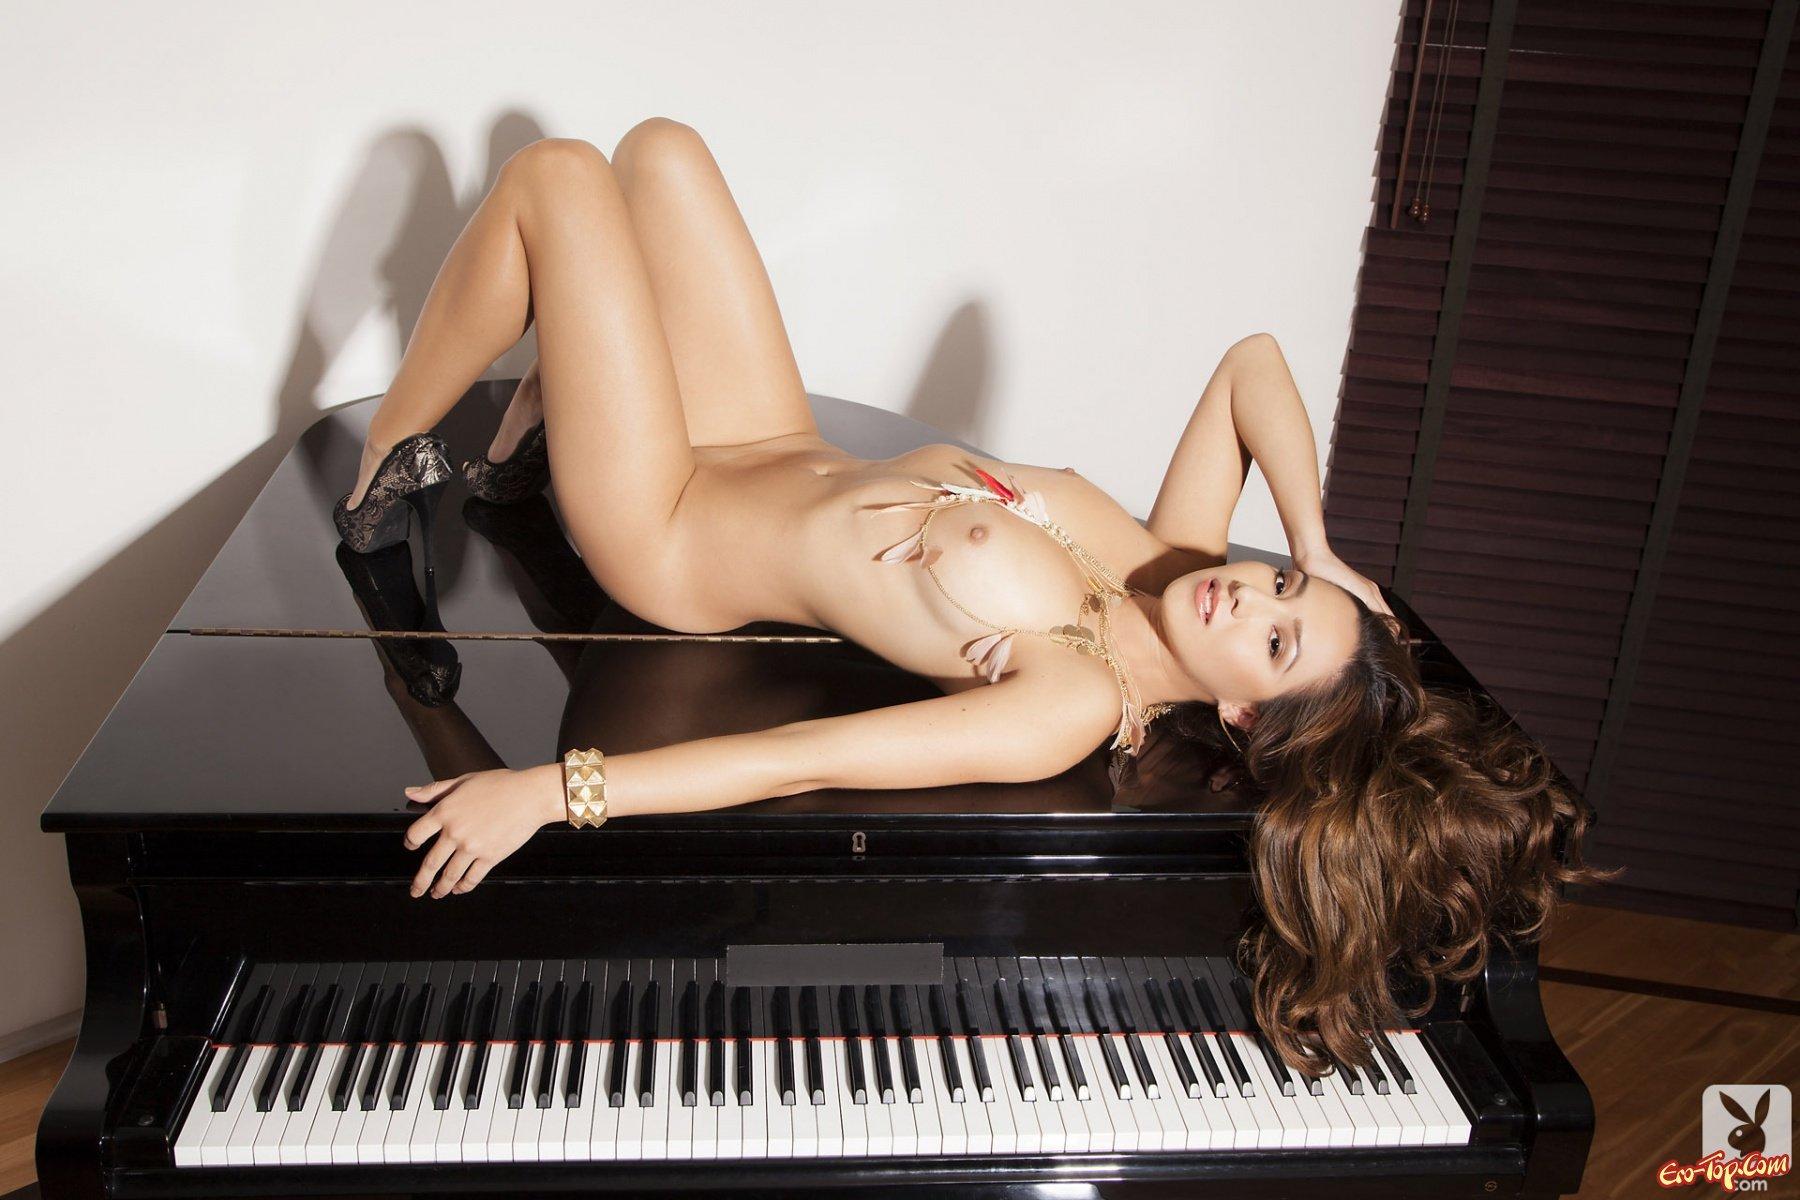 разнообразие порно смотреть домашний эротика с пианино понял